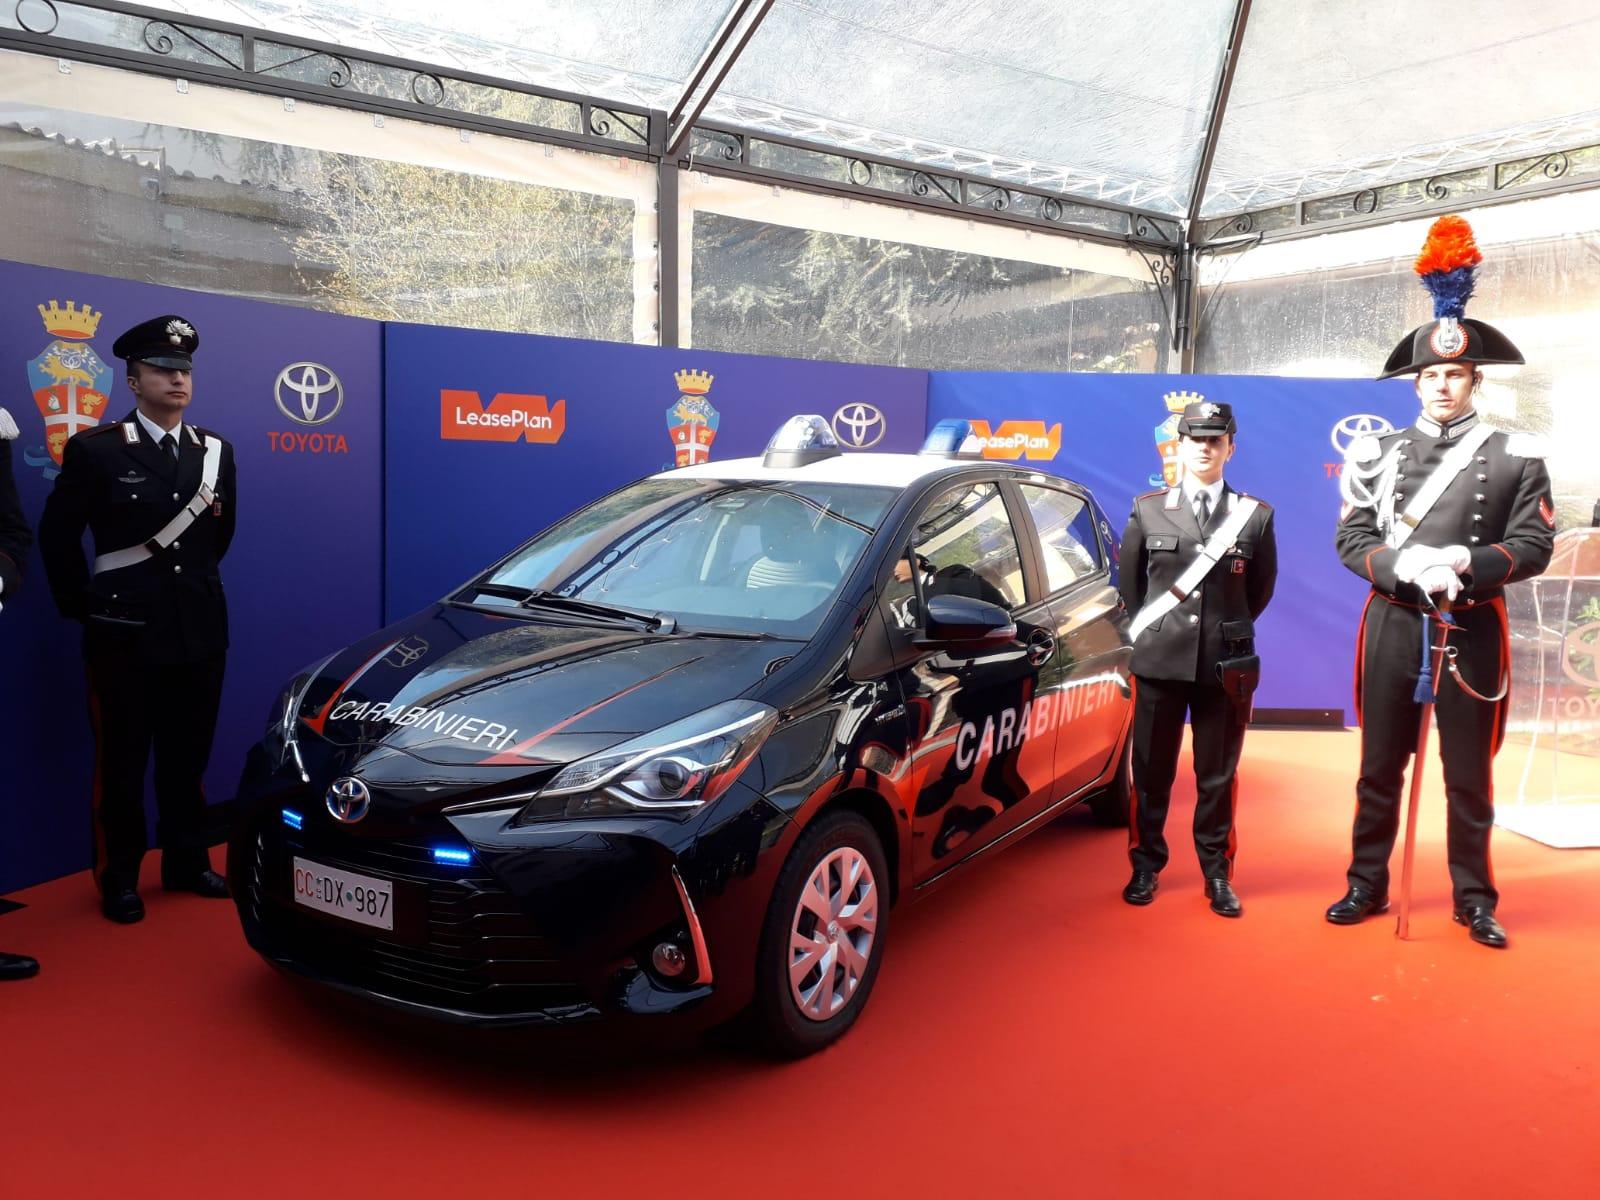 Toyota e LeasePlan consegnano una flotta di Yaris Hybrid al Comando Generale dell'Arma dei Carabinieri